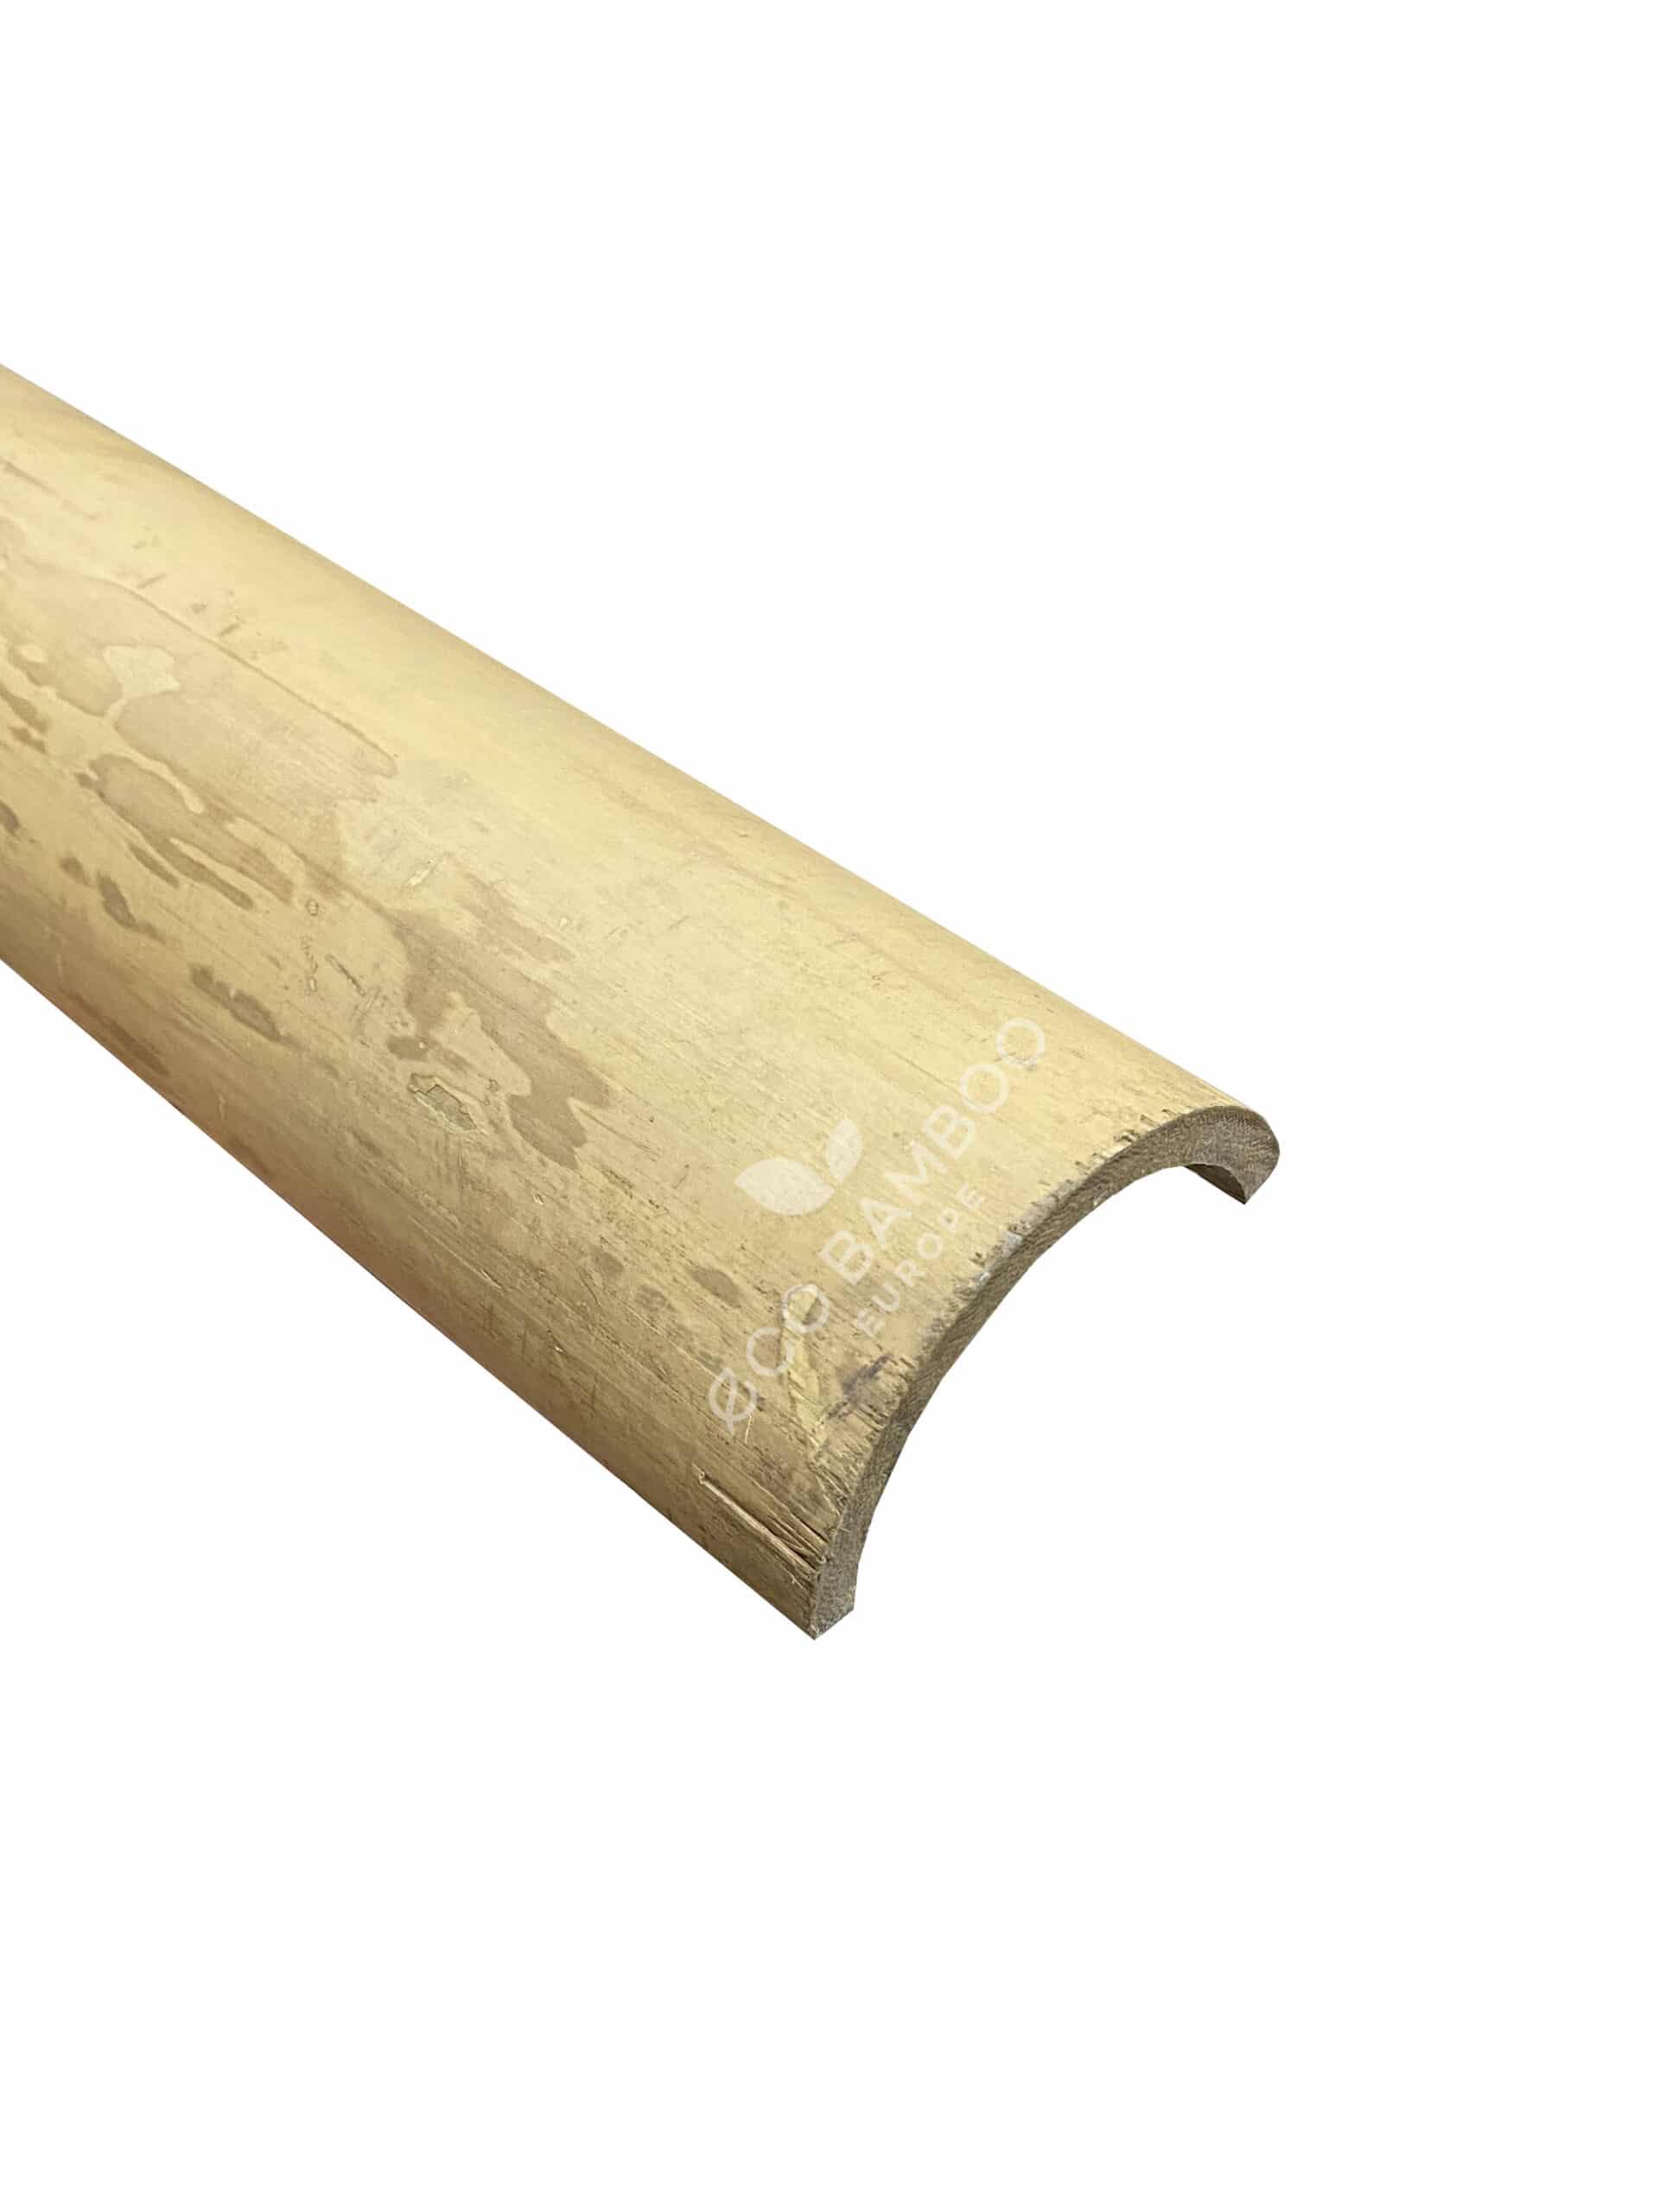 Moso Bamboe halfronde palen